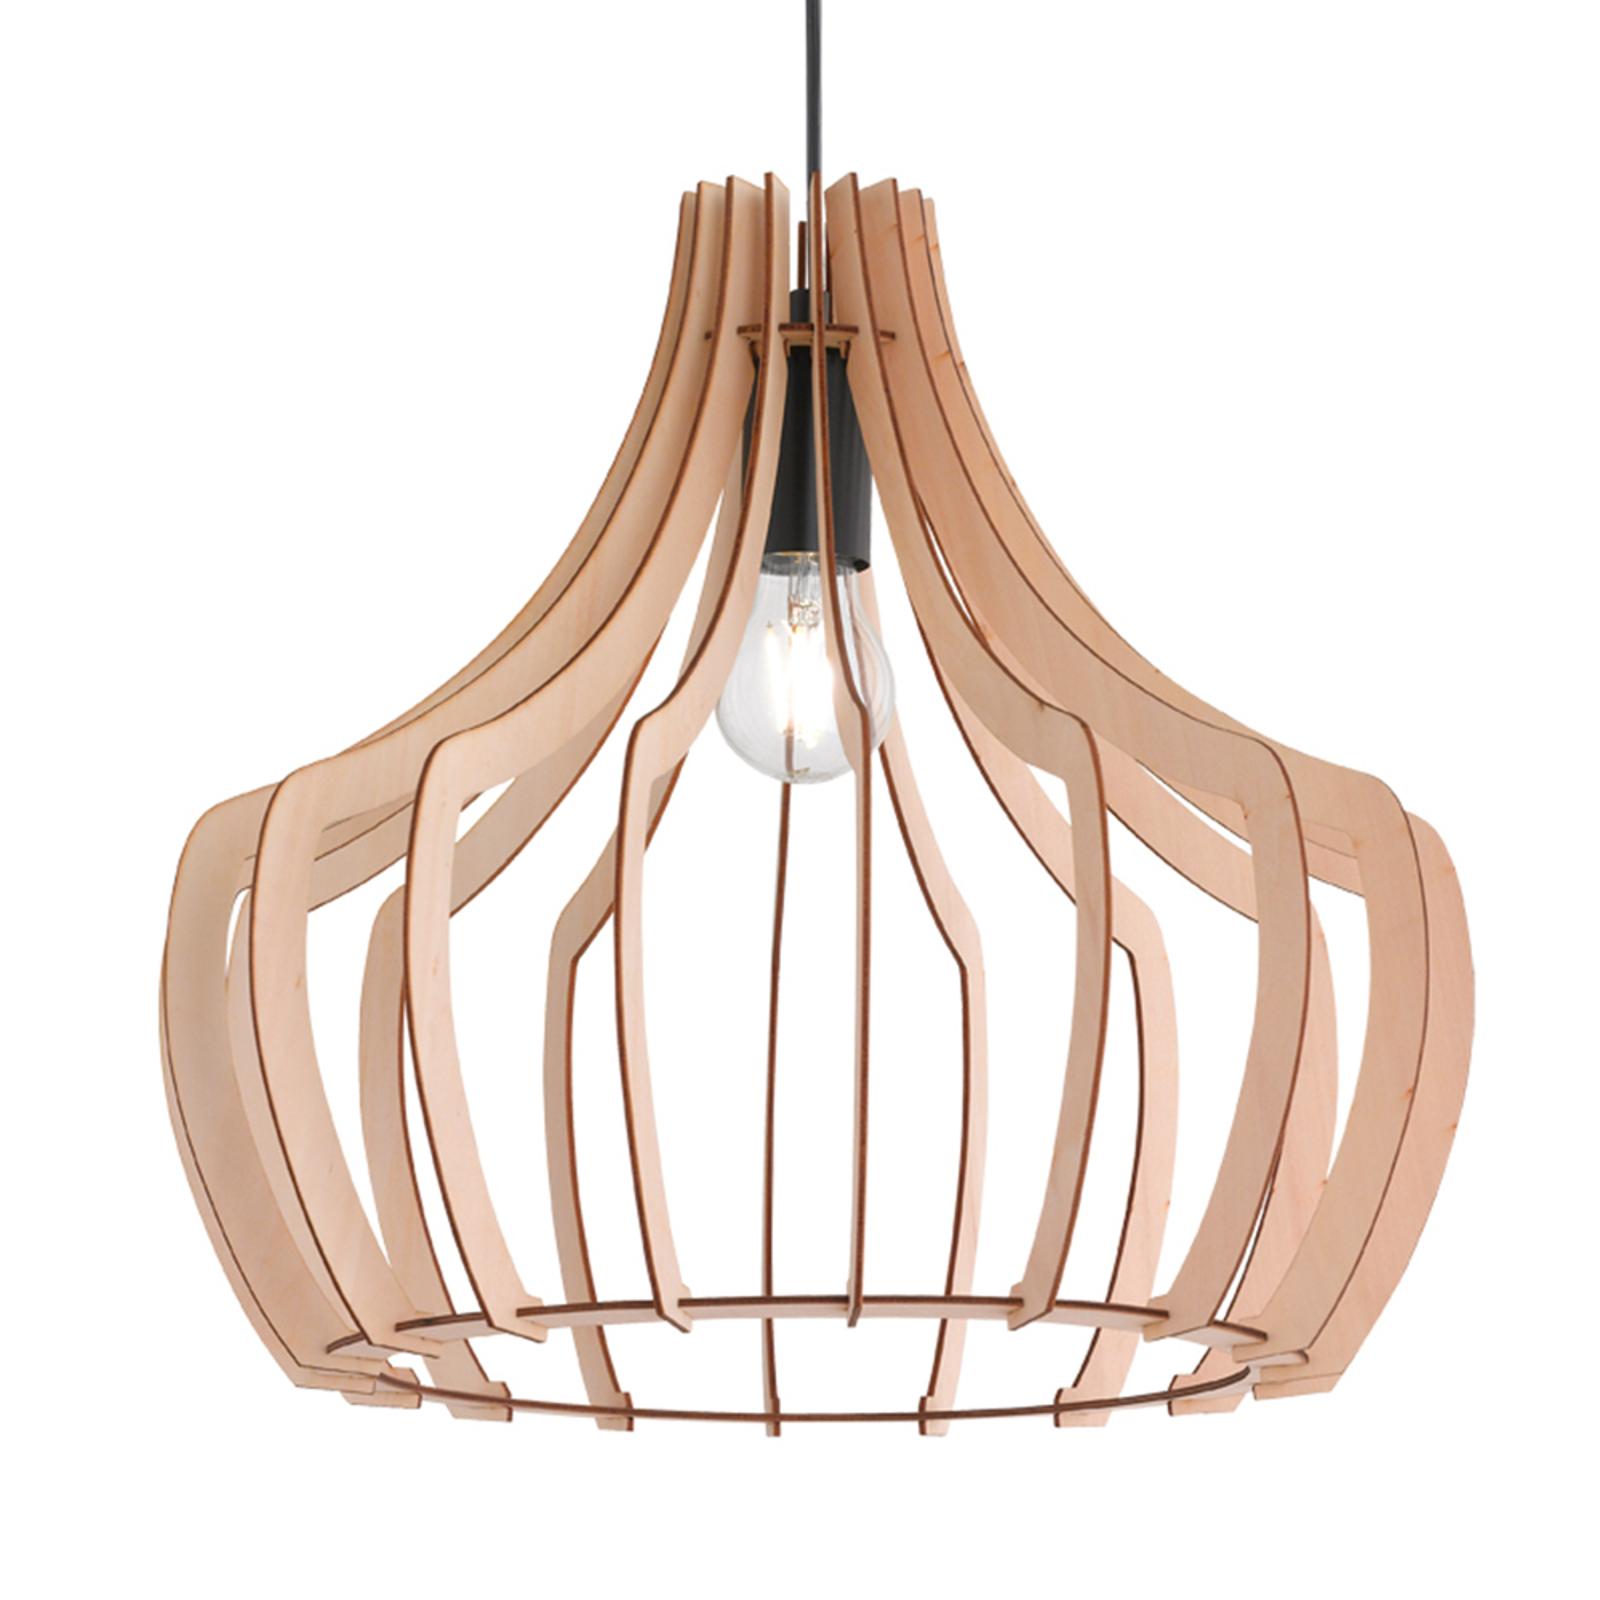 Wood - houten hanglamp in lamellen ontwerp